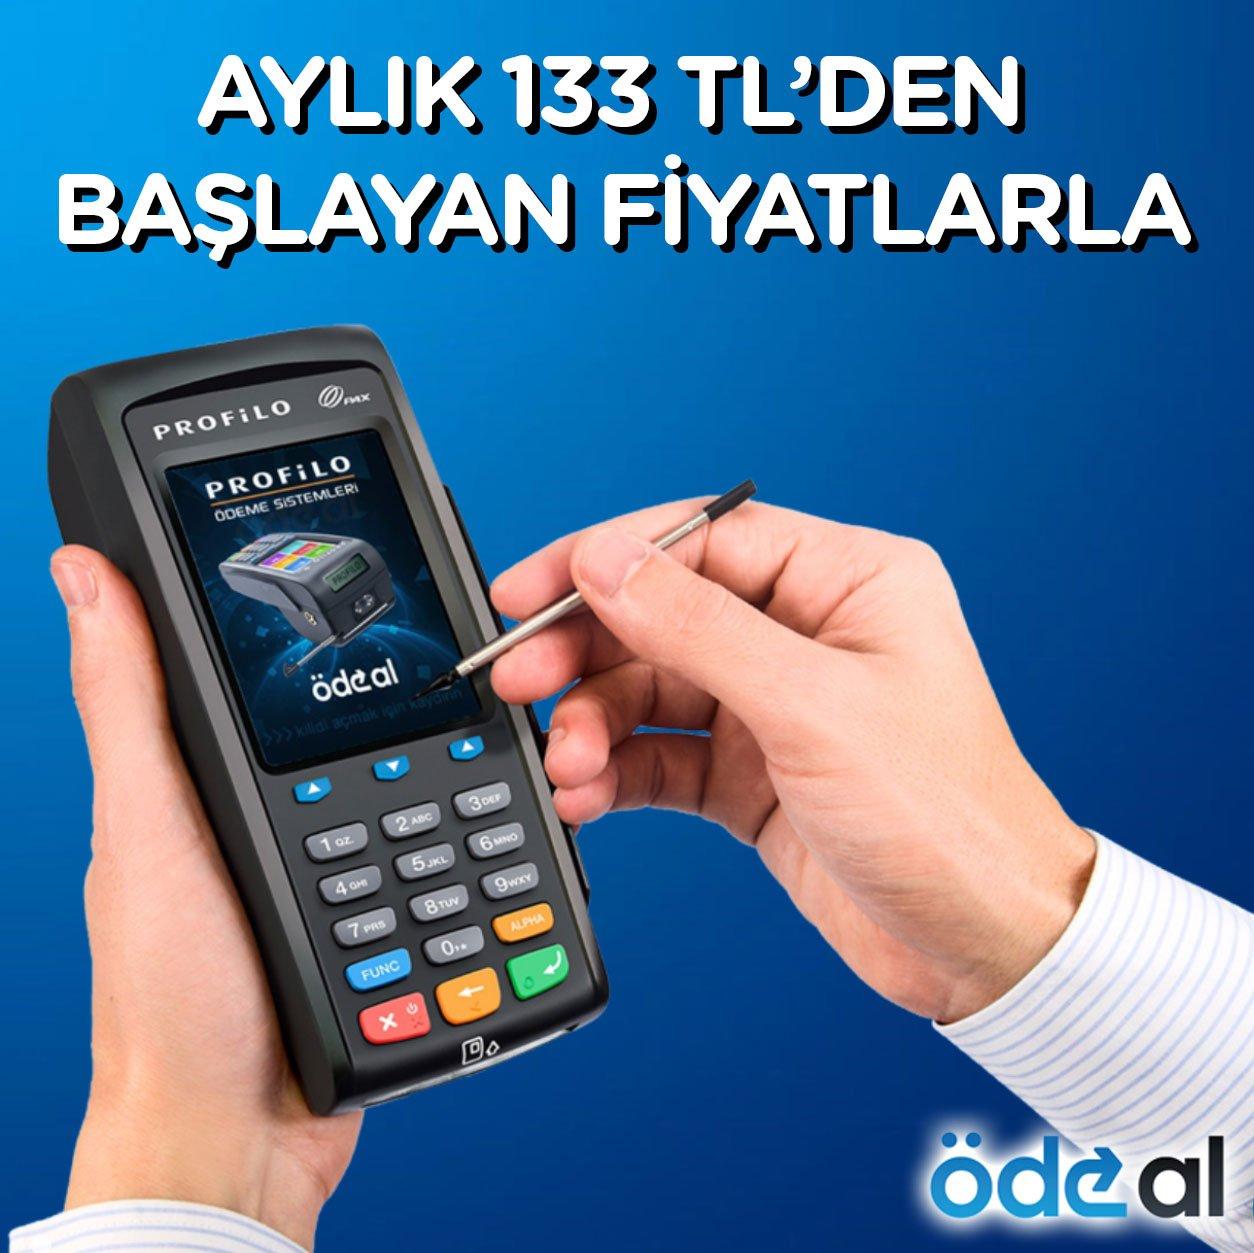 BİLGİ İÇİN 0549619221